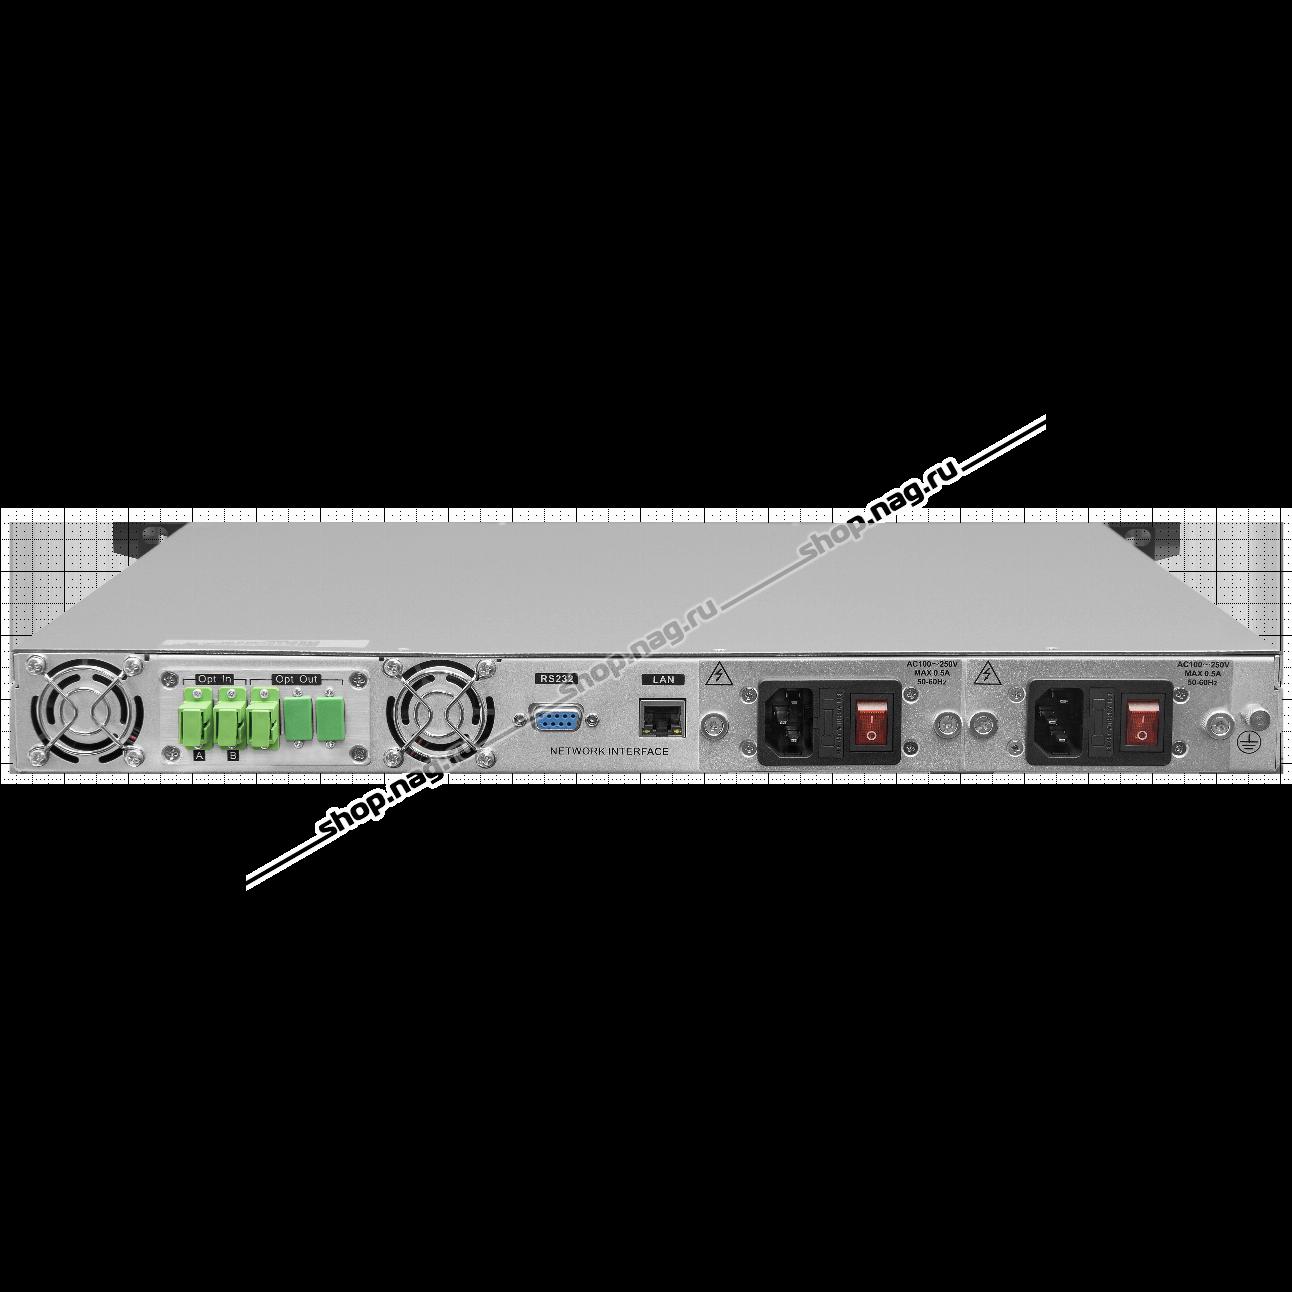 Оптический усилитель VERMAX для сетей КТВ, 22dBm выход, 2 входа